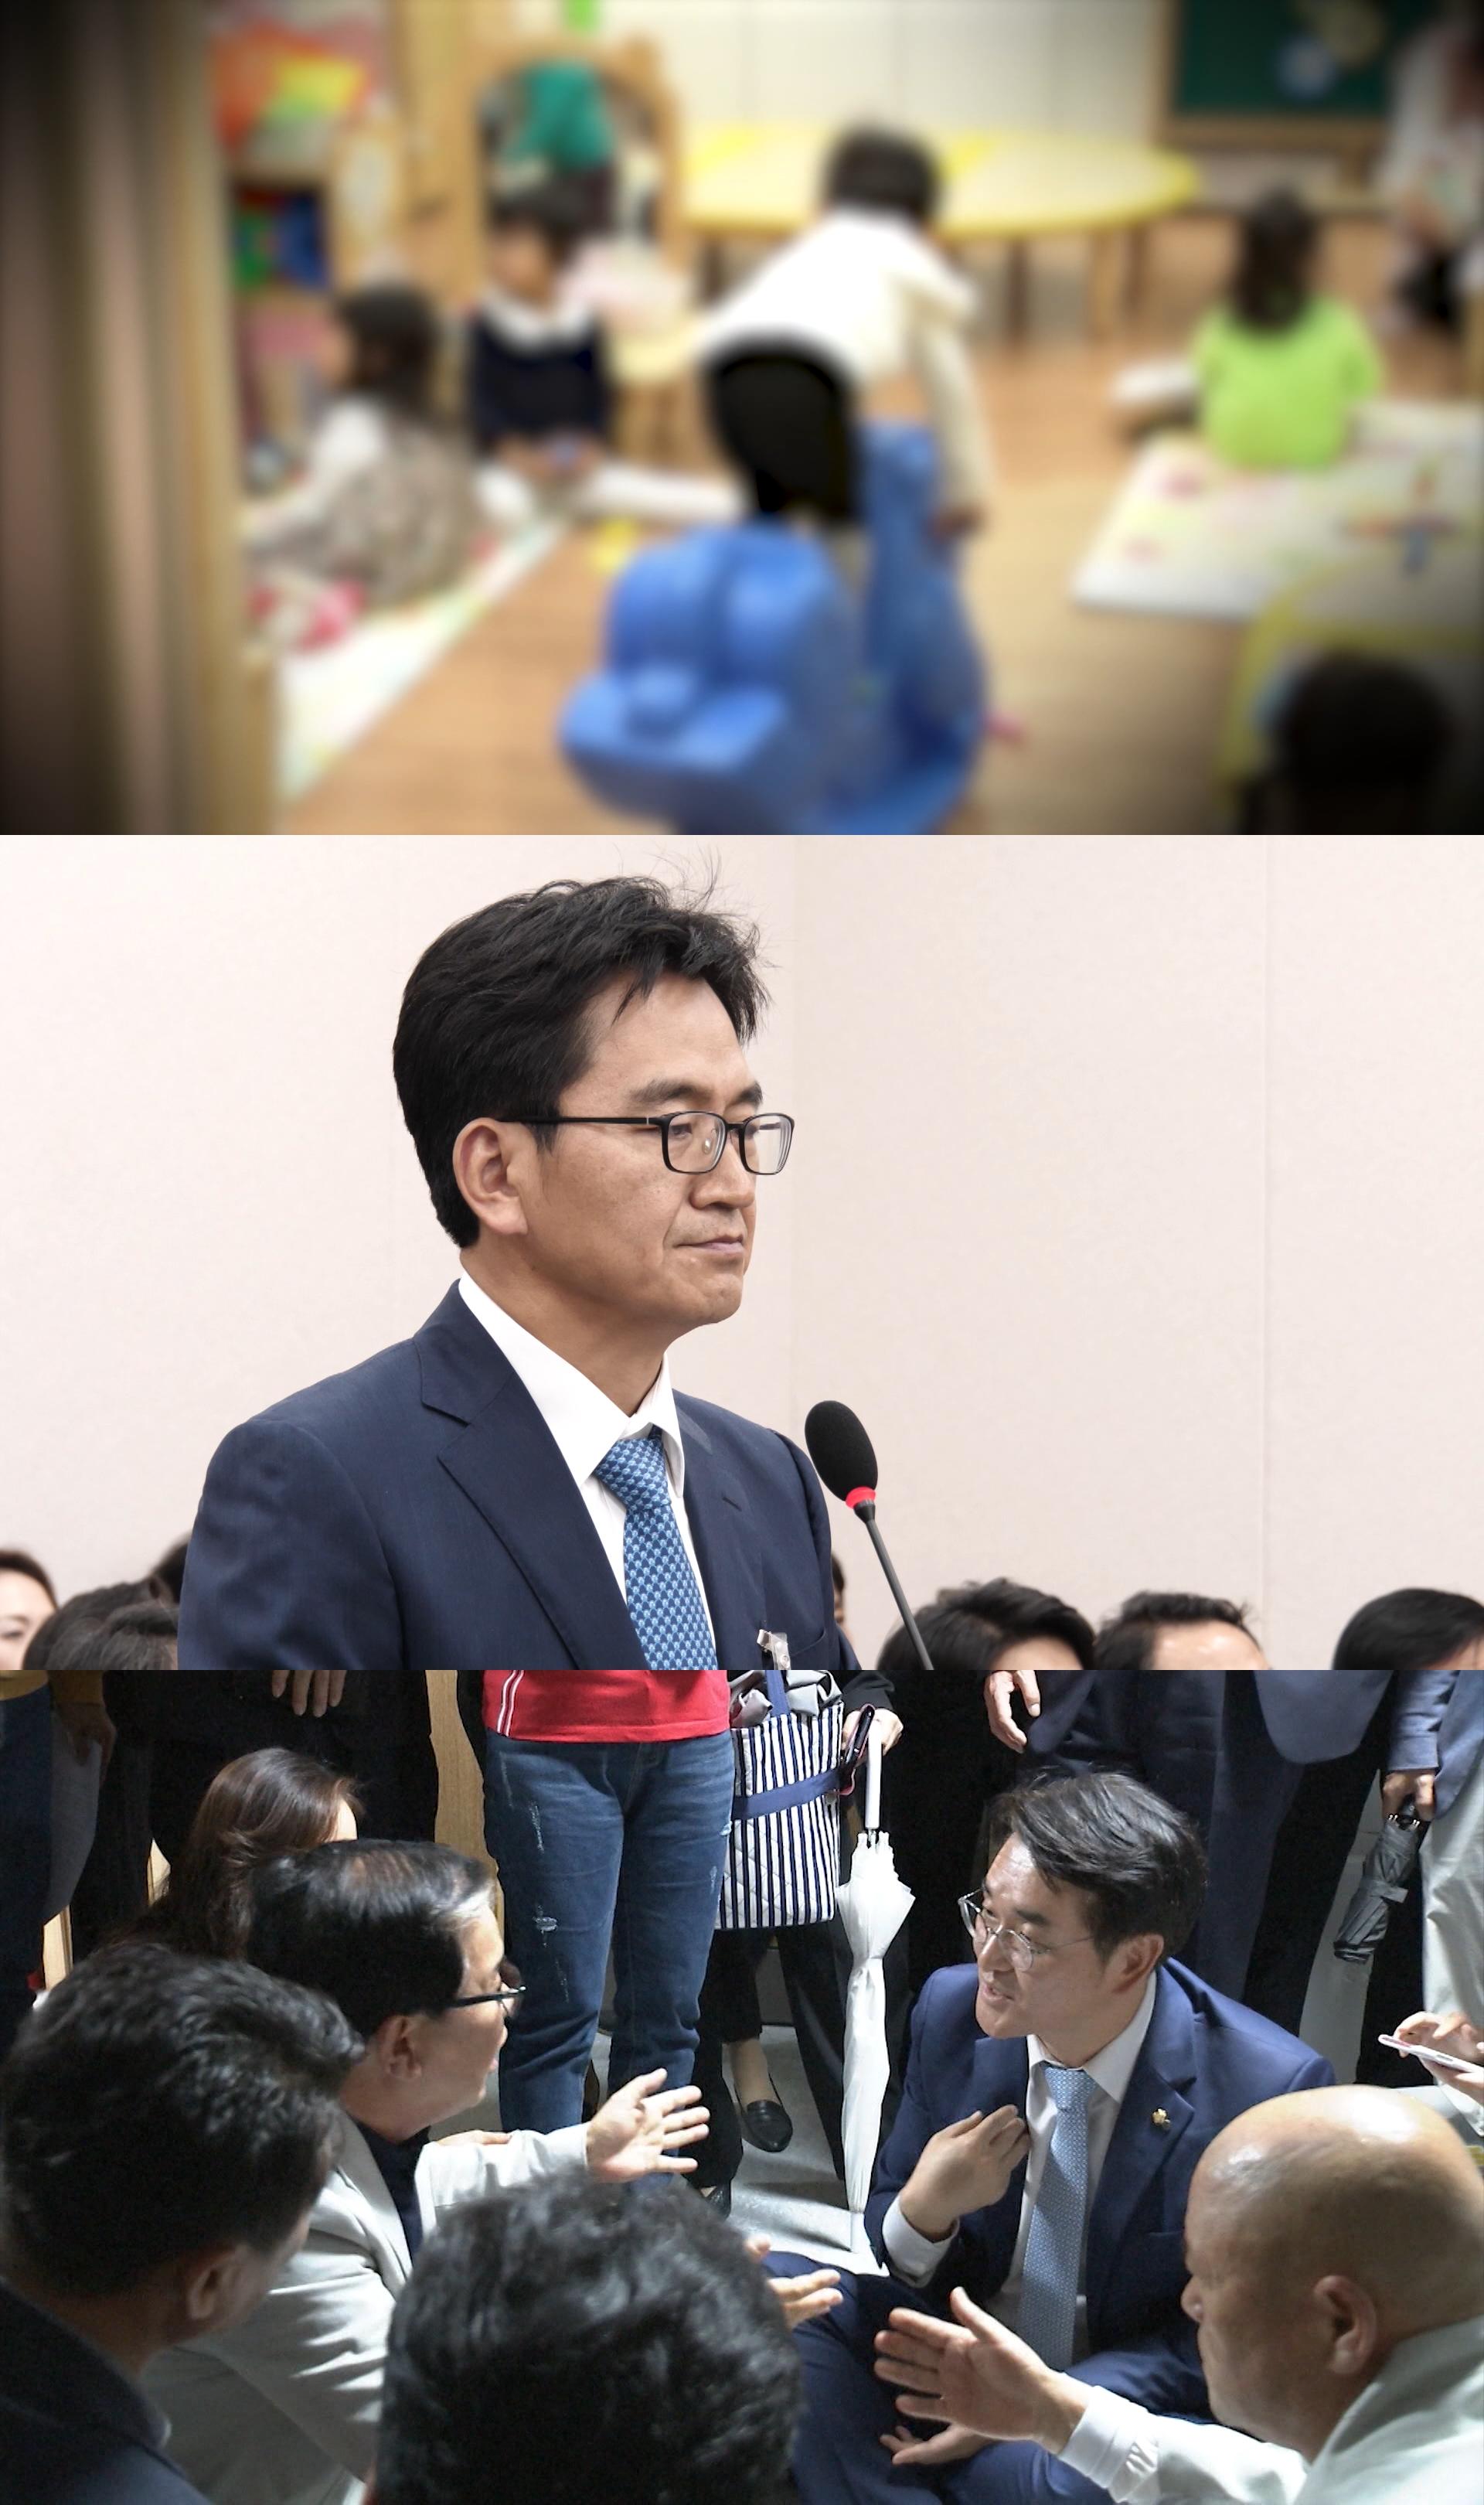 'PD수첩' 우리 사회에 충격을 안긴 비리, '사립유치원은 법이 없습니다' 편 13일 방송!